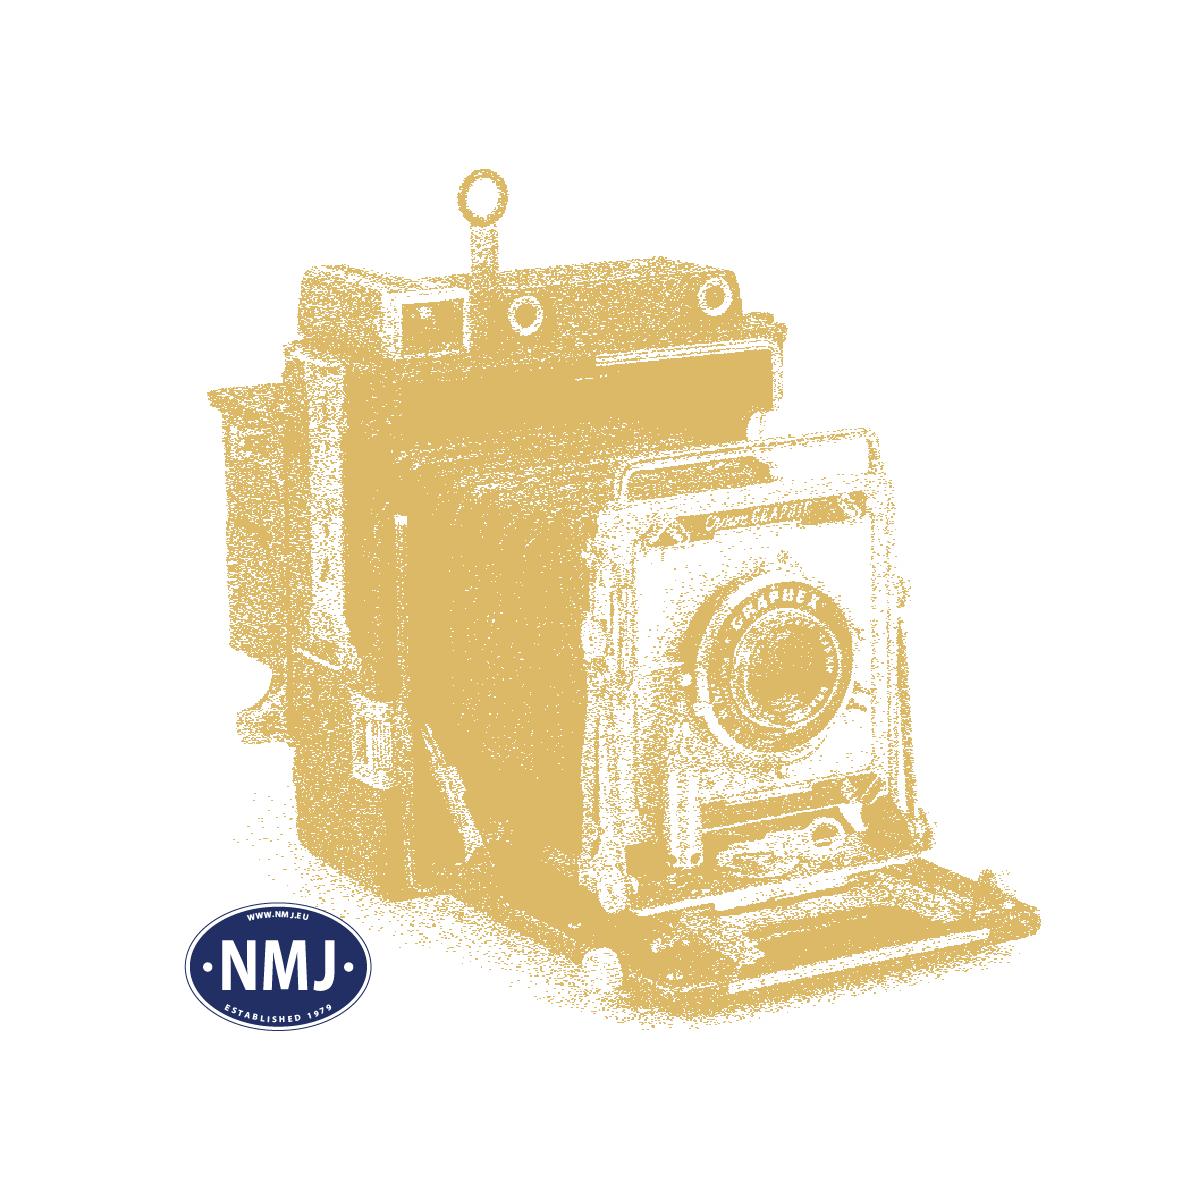 NJKPS181 - På Sporet nr 181, blad